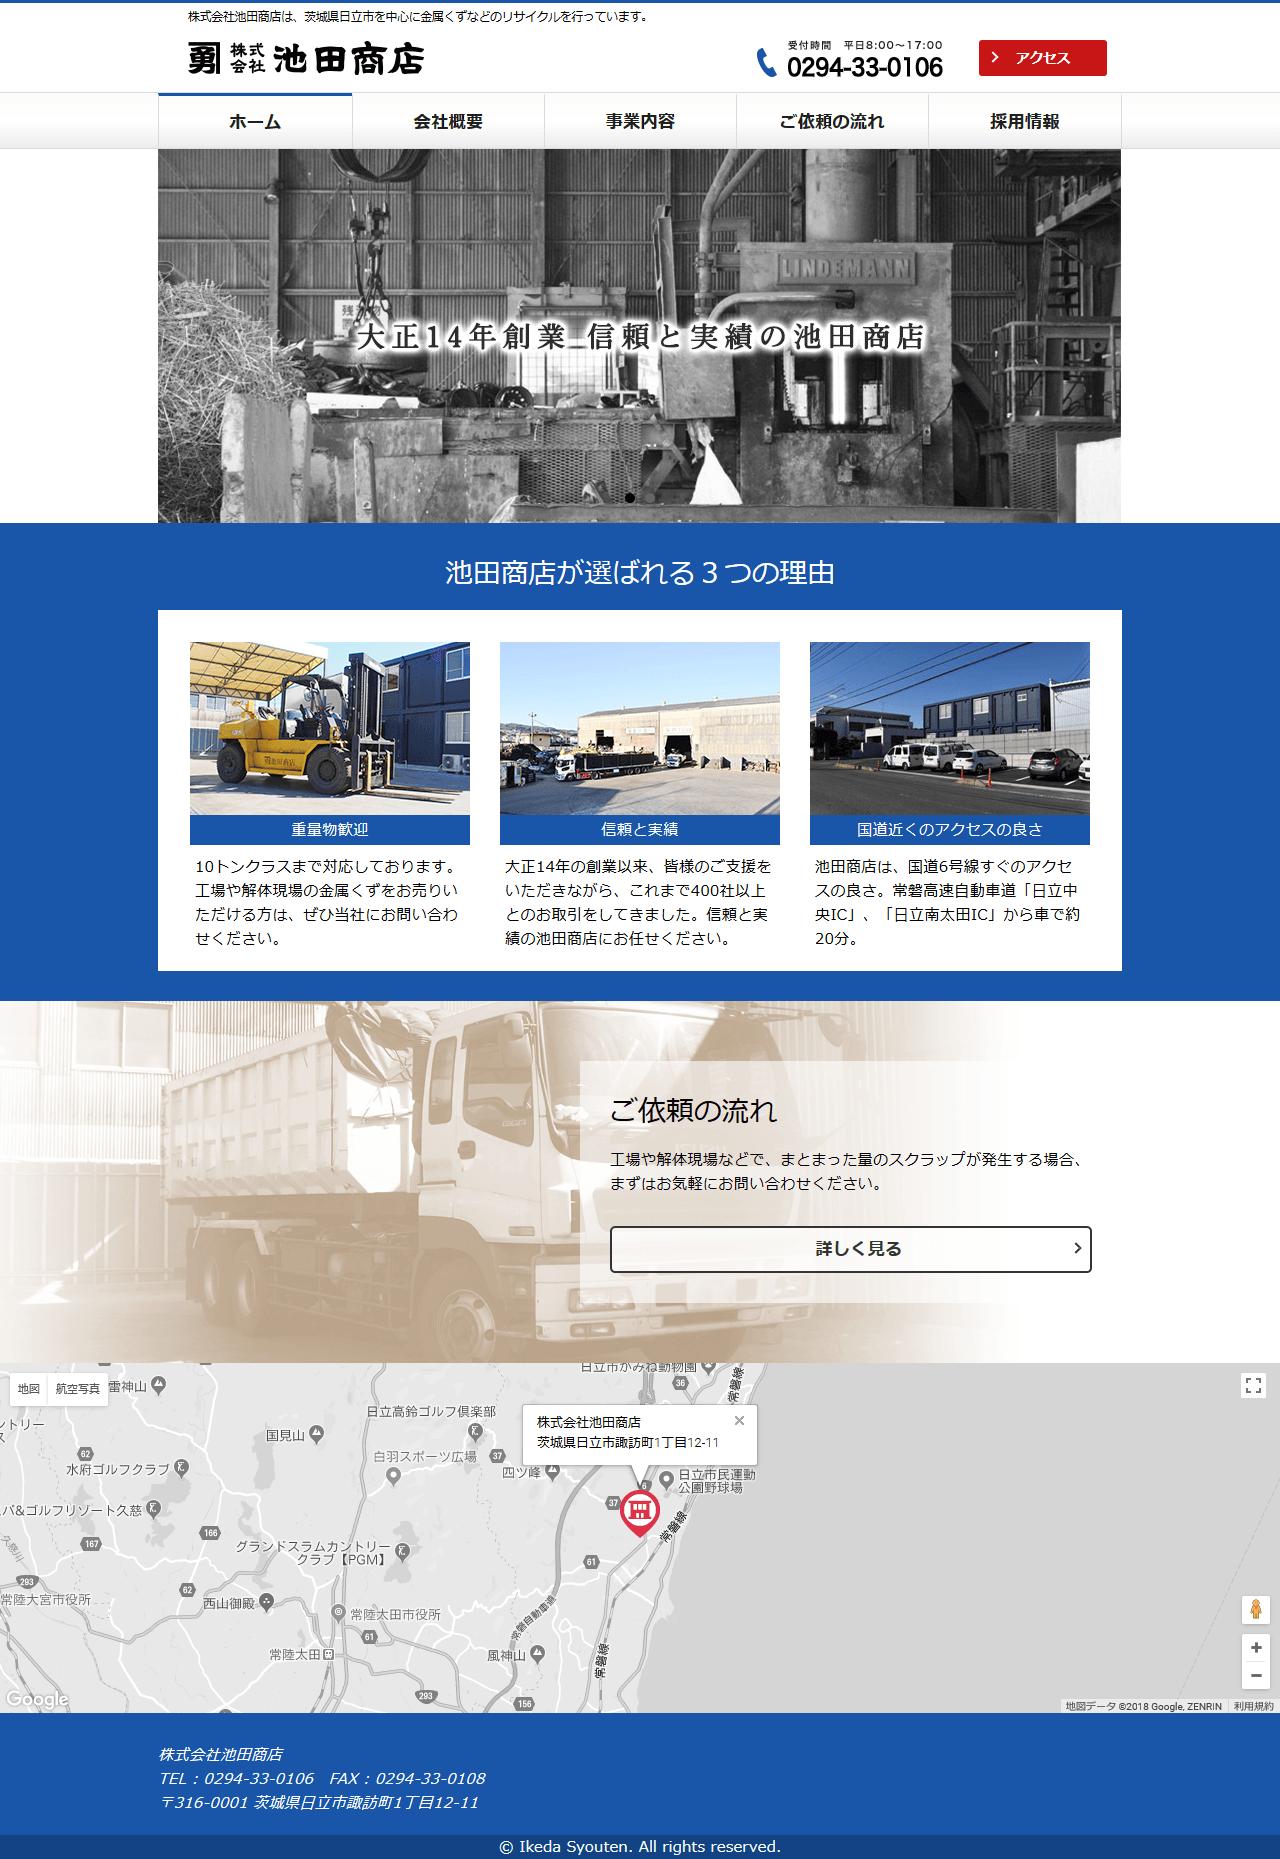 株式会社池田商店